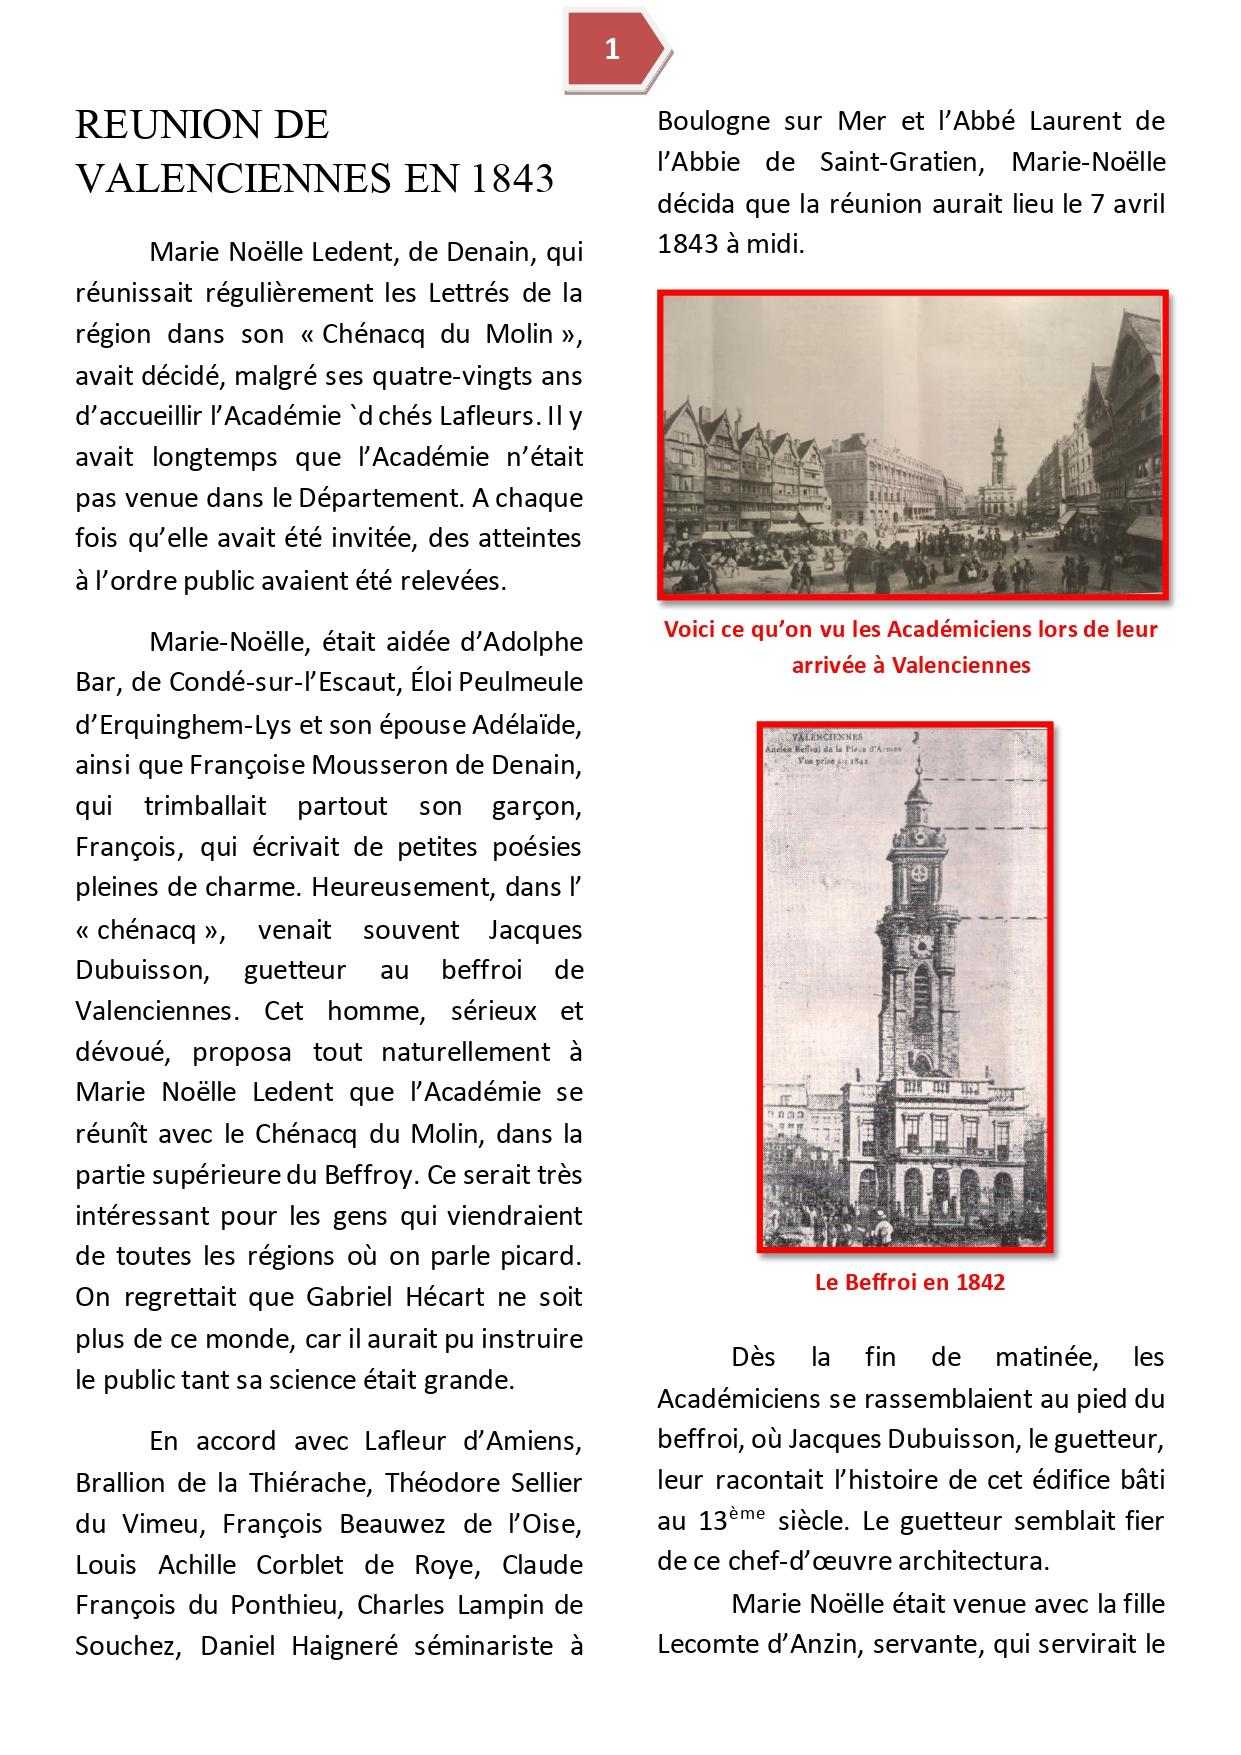 Academie 1843 reunion de valenciennes pages to jpg 0001